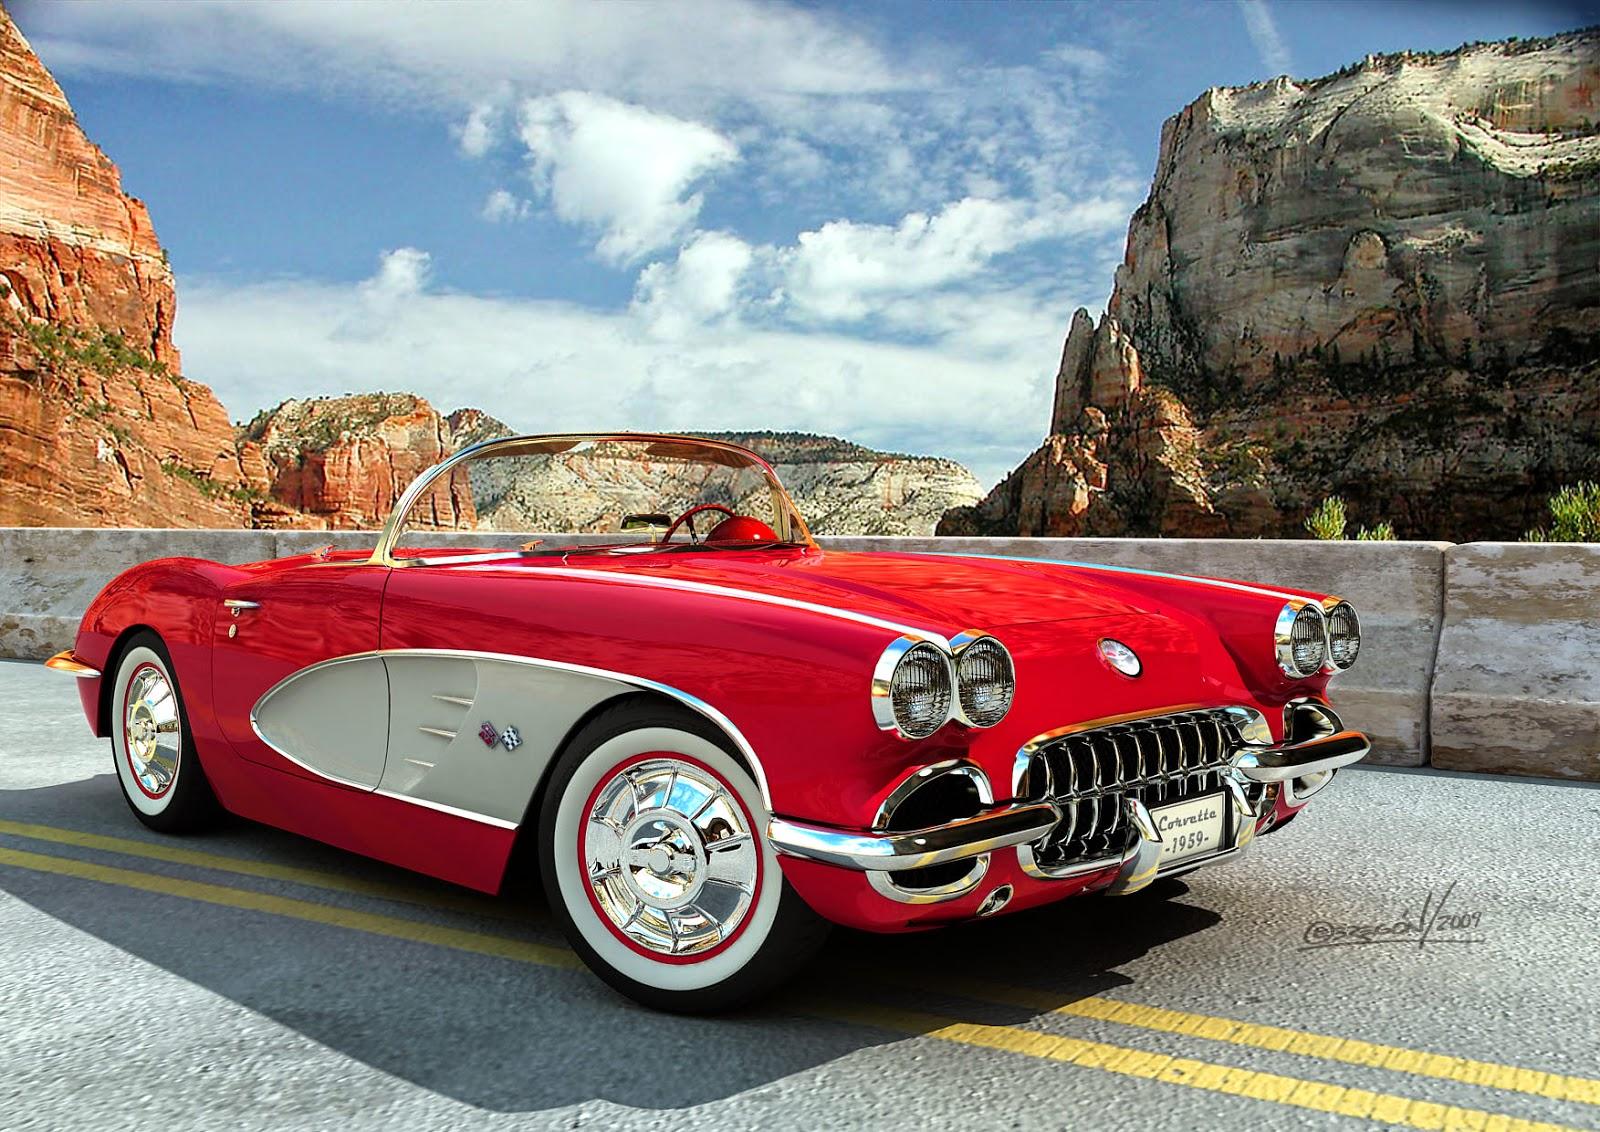 A legszebb Corvette.